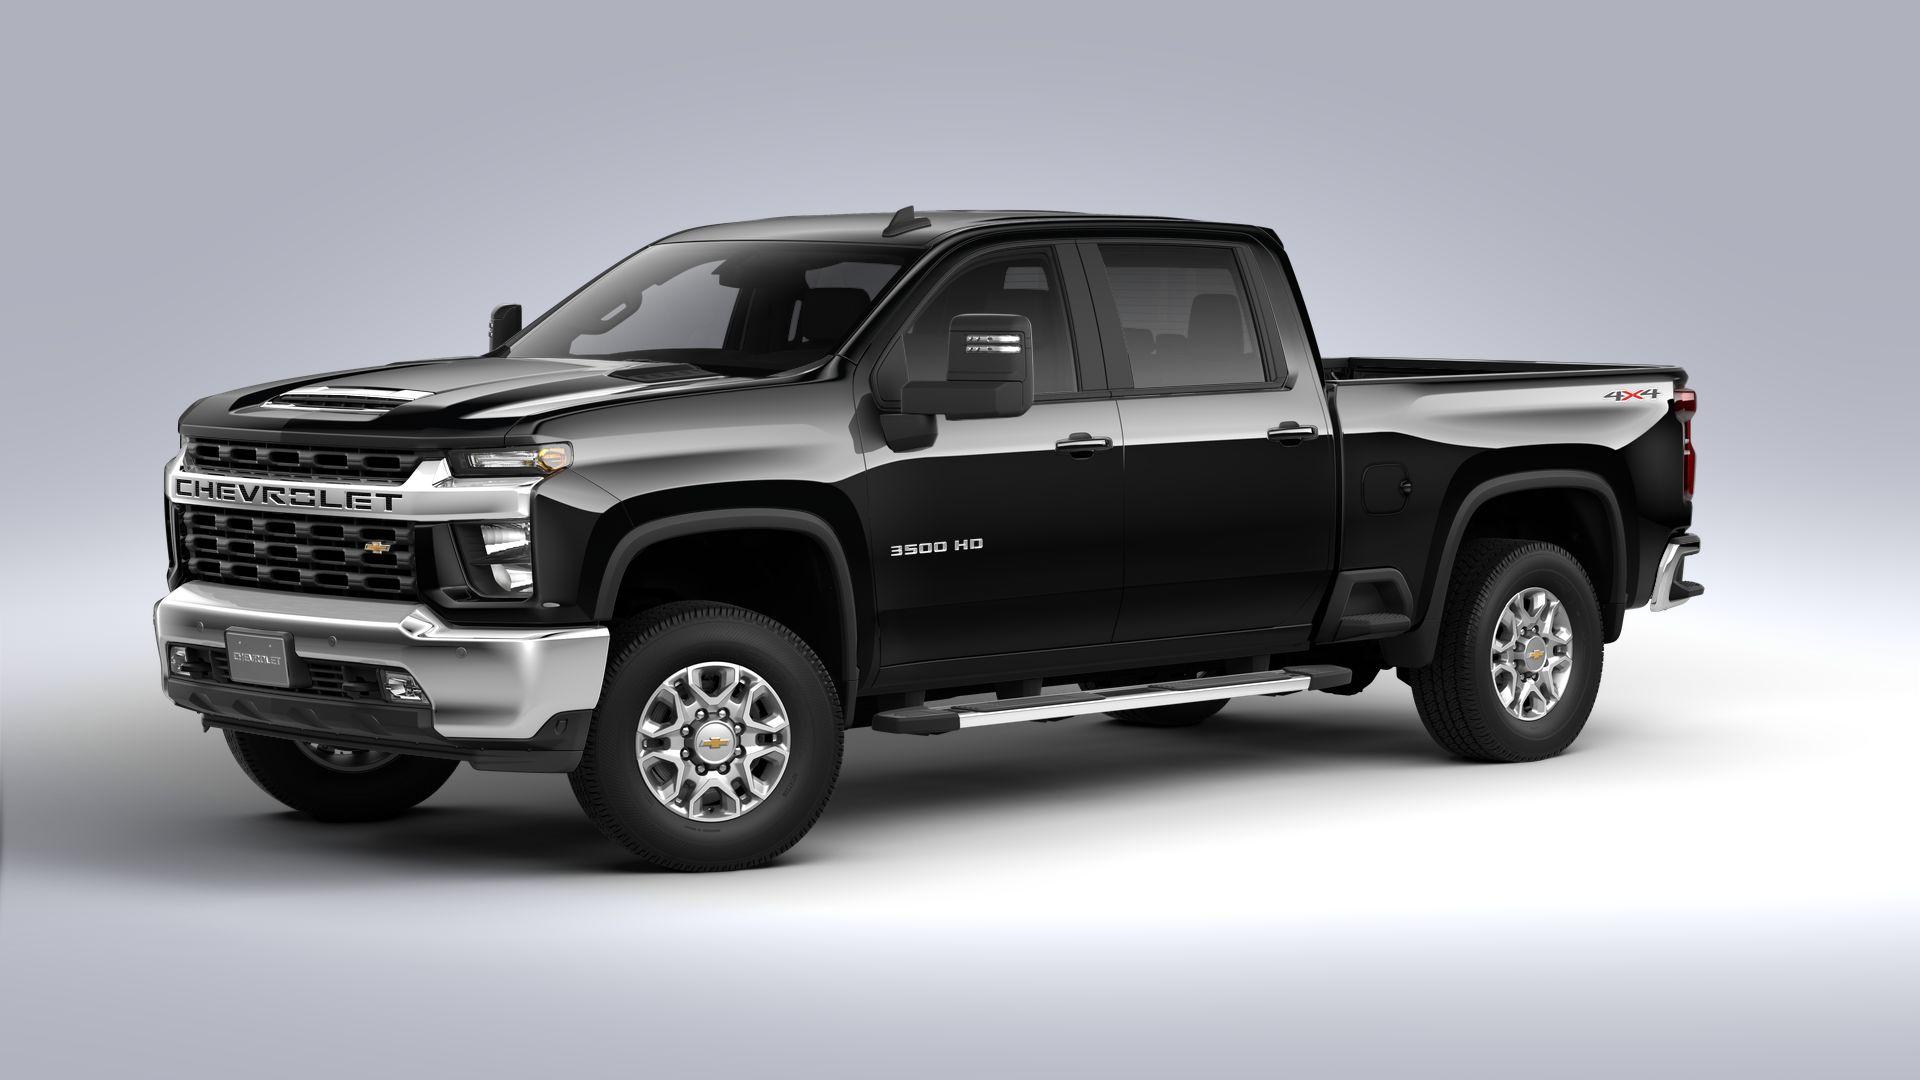 2022 Chevrolet Silverado Ladysmith WI